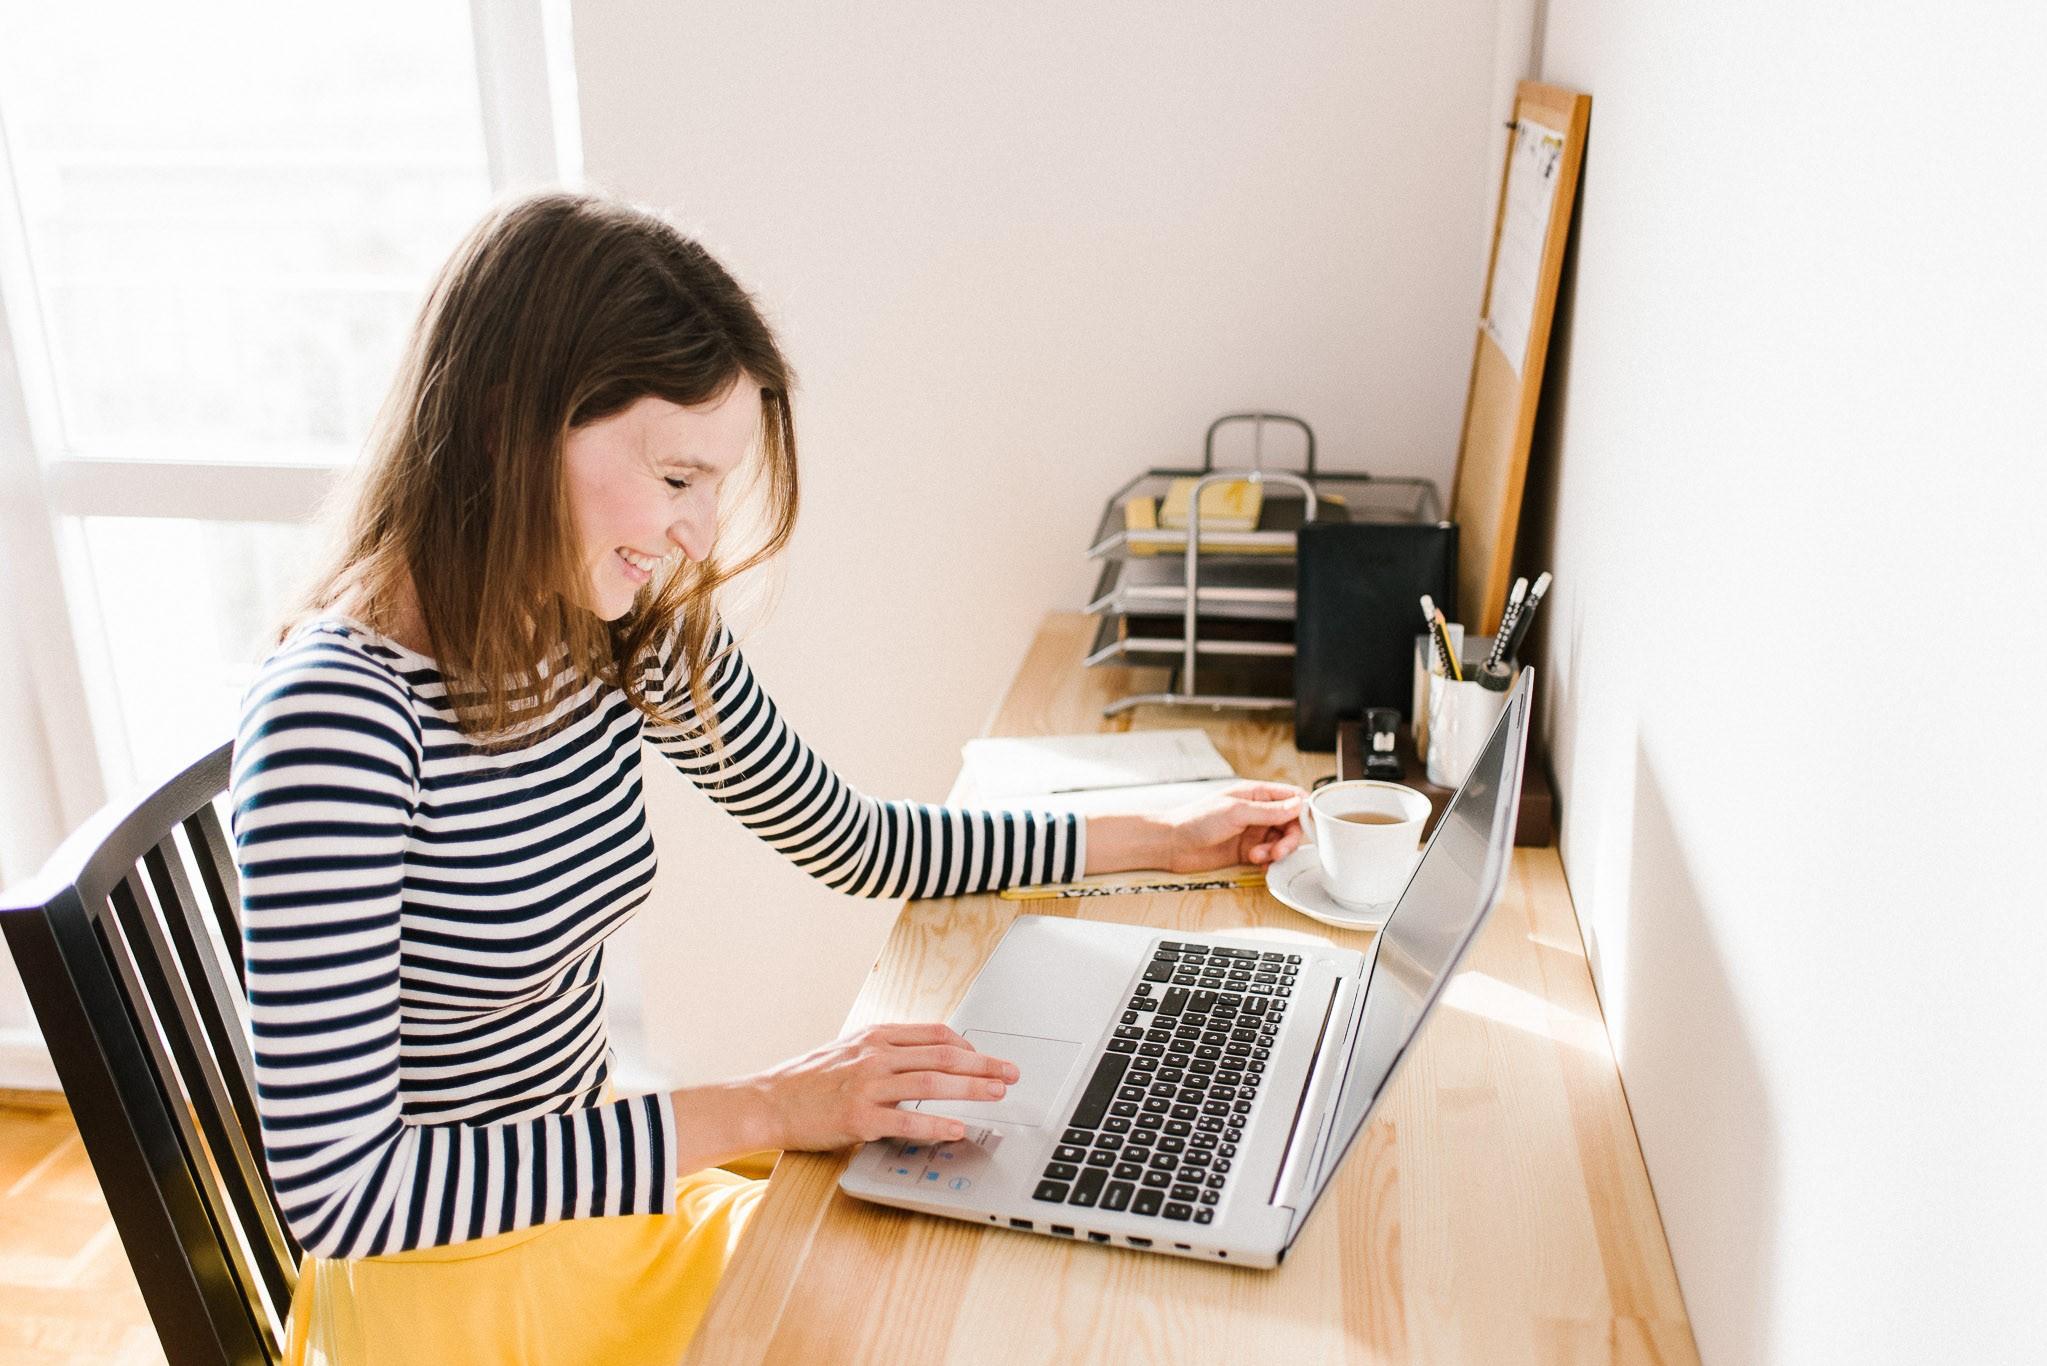 Jak zostać wirtualną asystentką? Ebook dla początkujących wirtualnych asystentek.